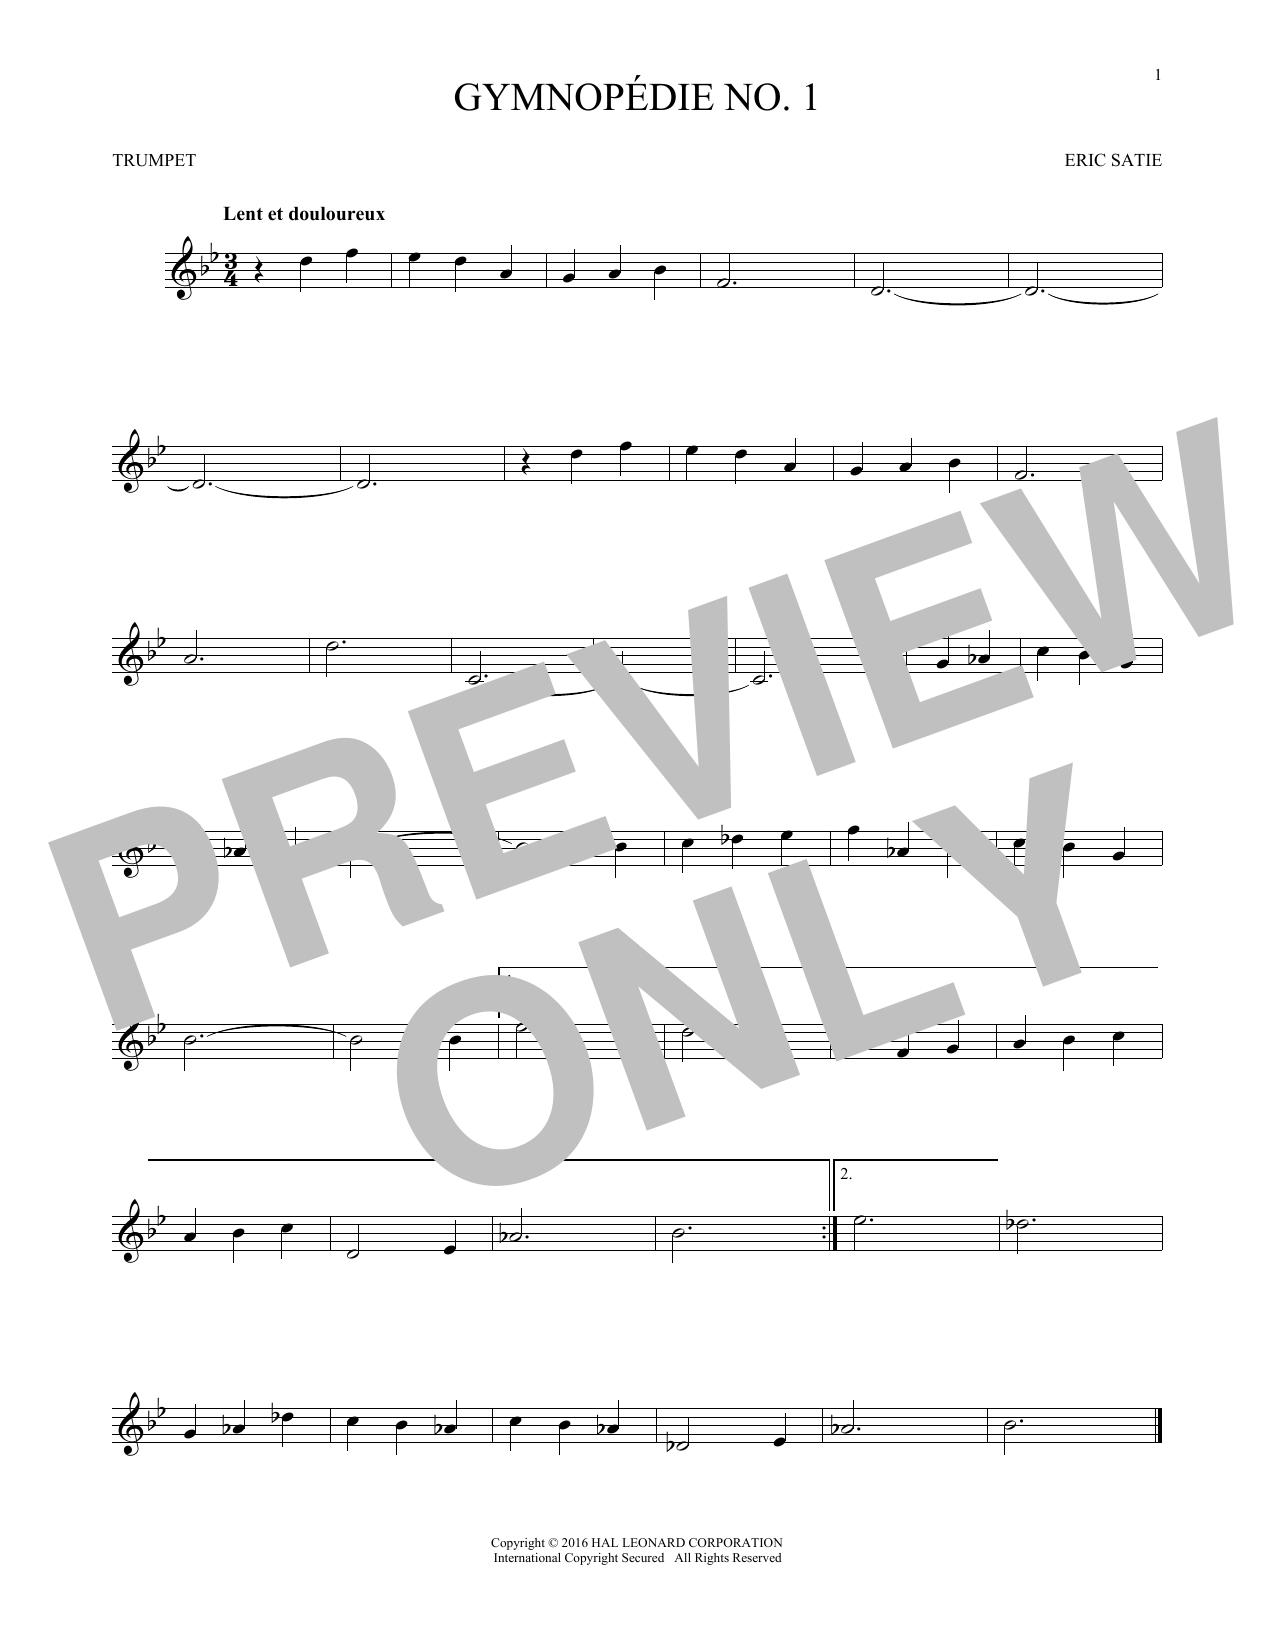 Gymnopedie No. 1 (Trumpet Solo)